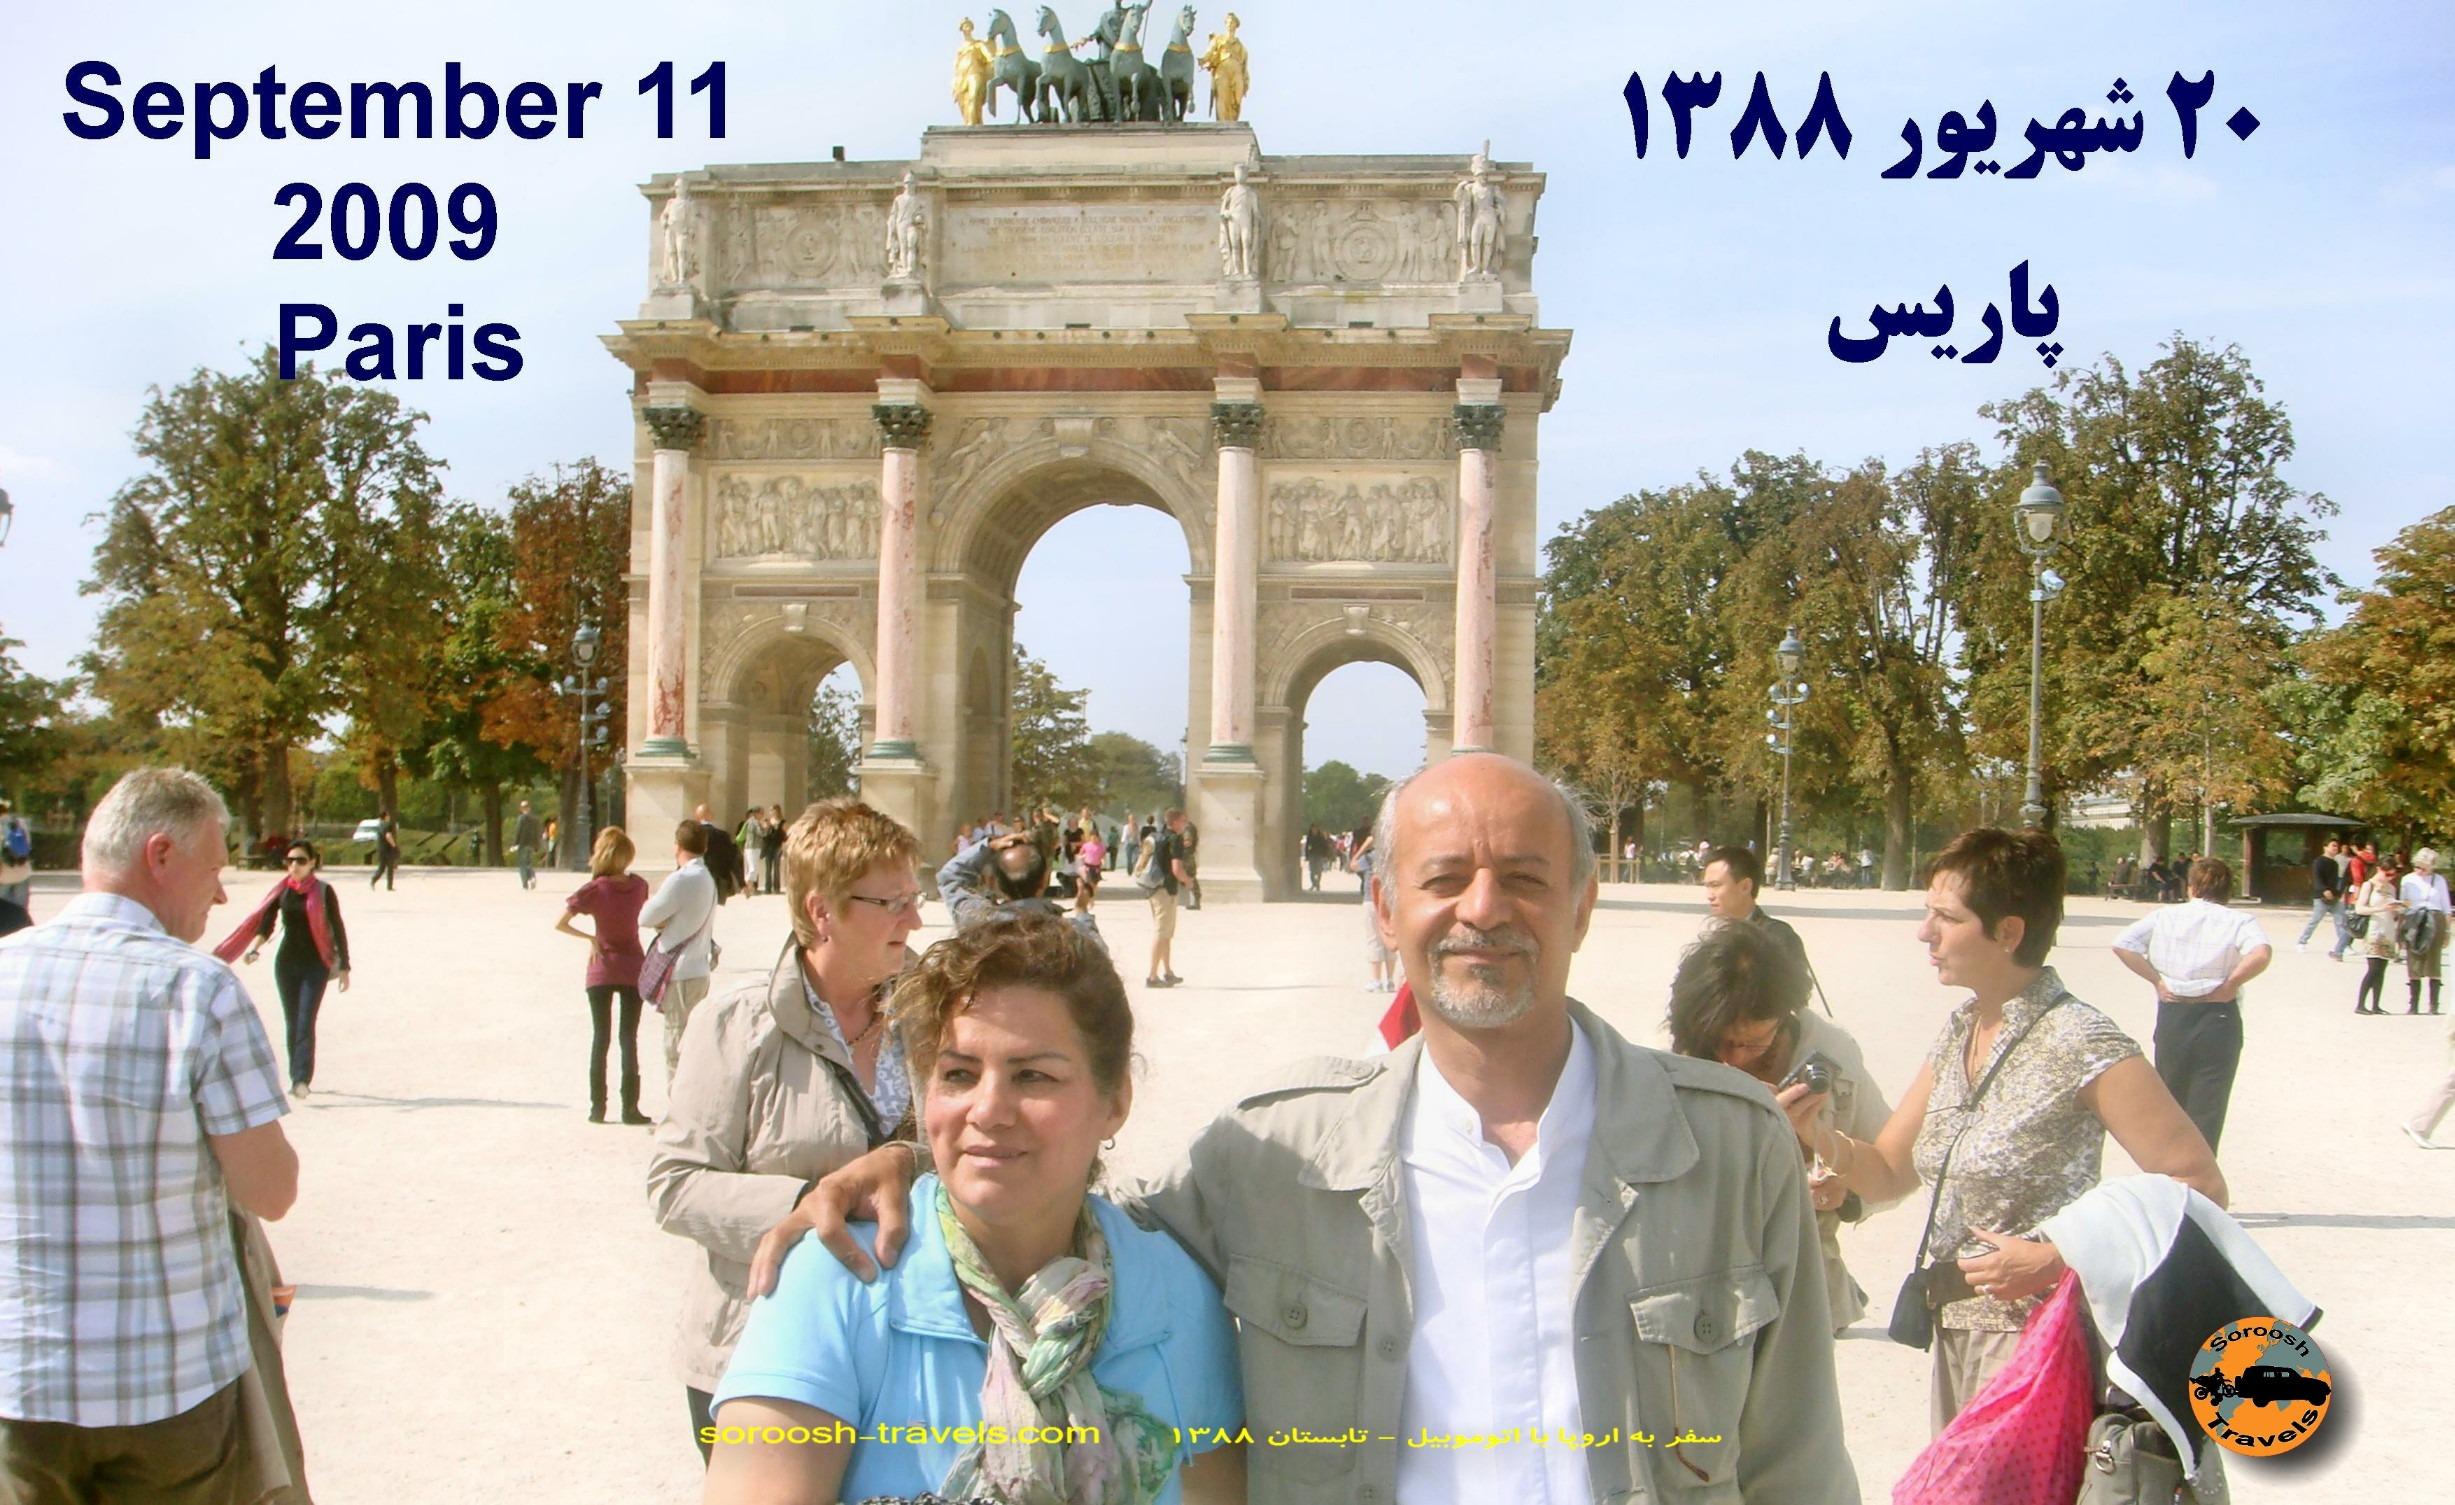 20-shahrivar-1388-11-september-2009-paris-1